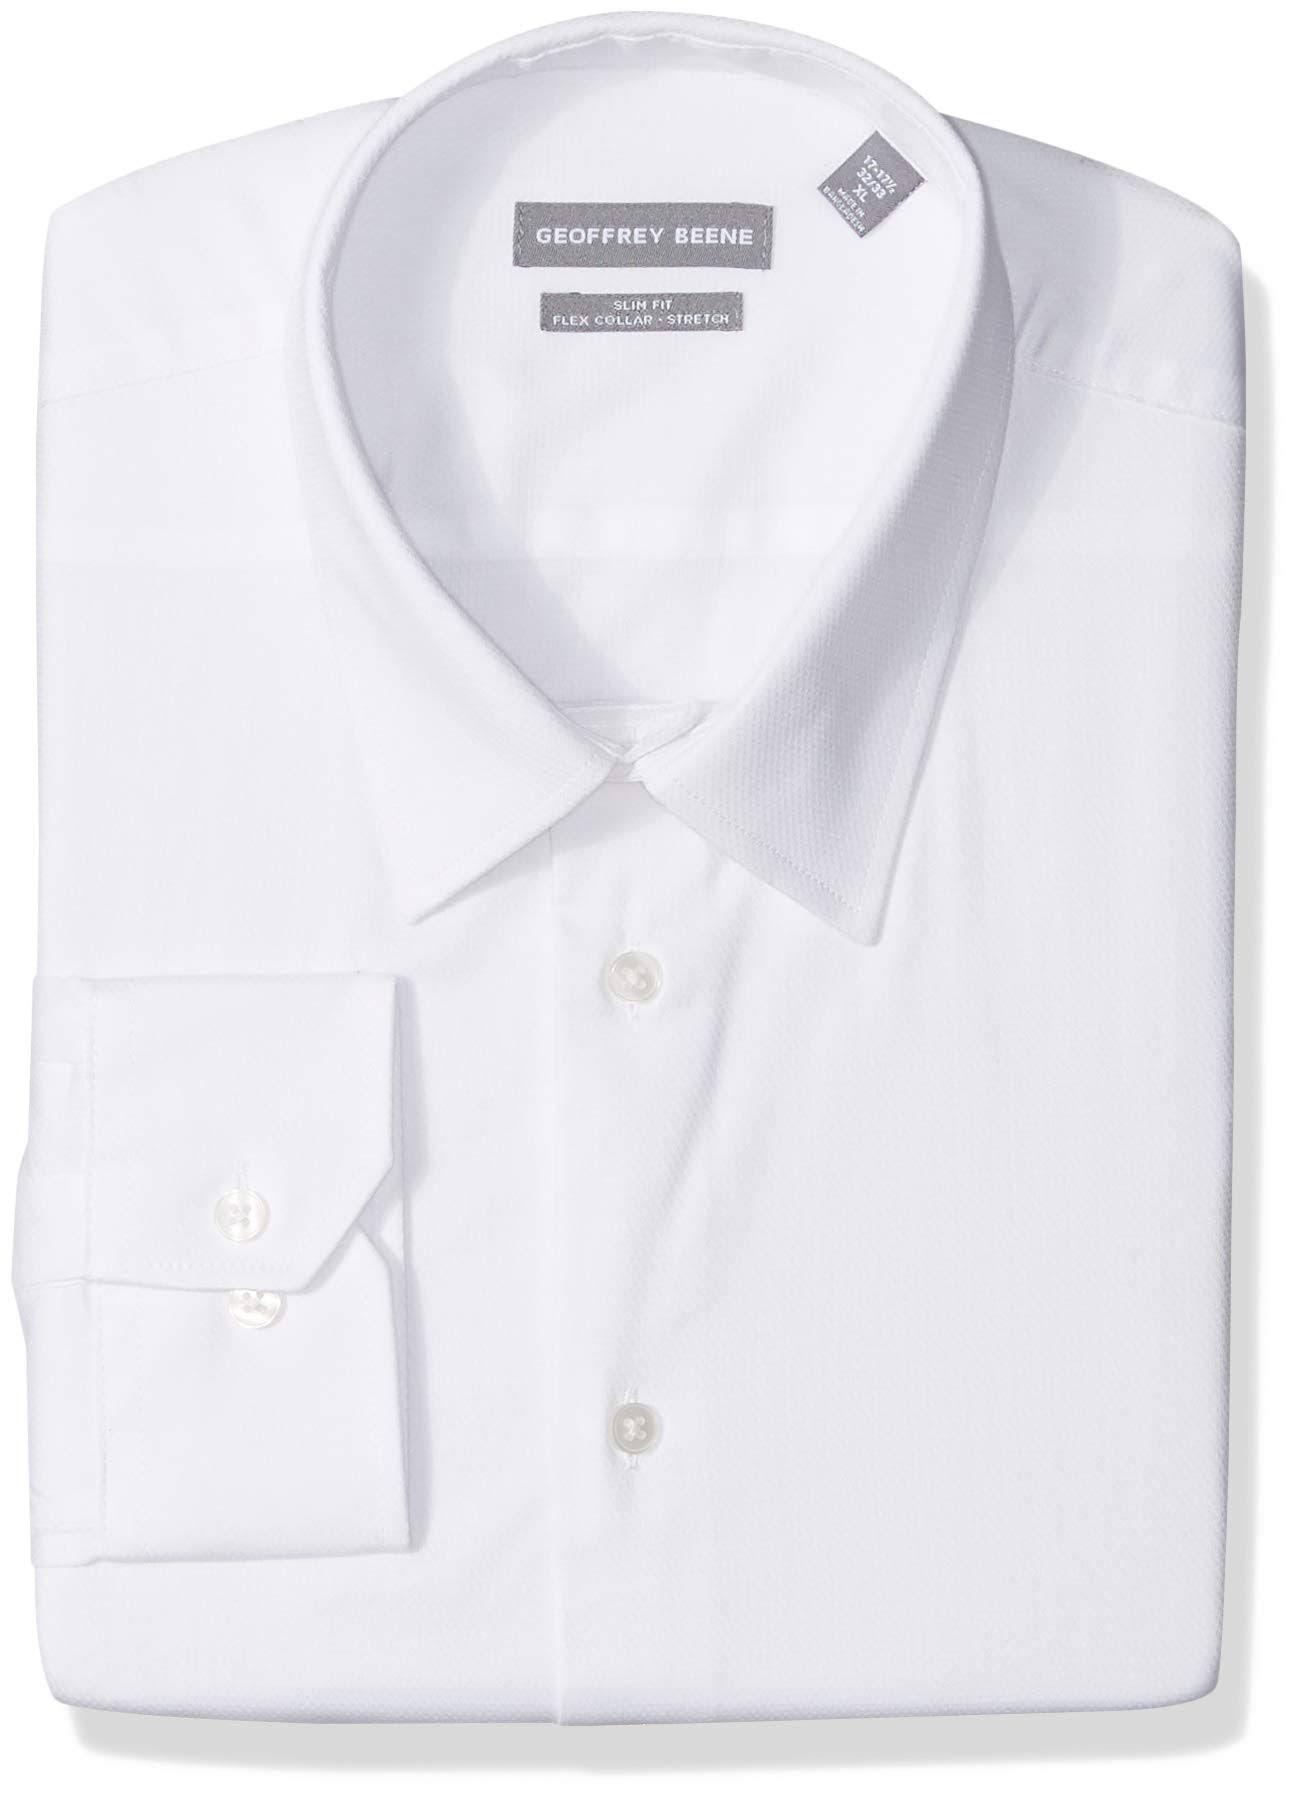 Beene A Camisa Geoffrey Elástico Cuello De Cuadros Hombre Blanco Para Flexible Vestir TFccqUwf